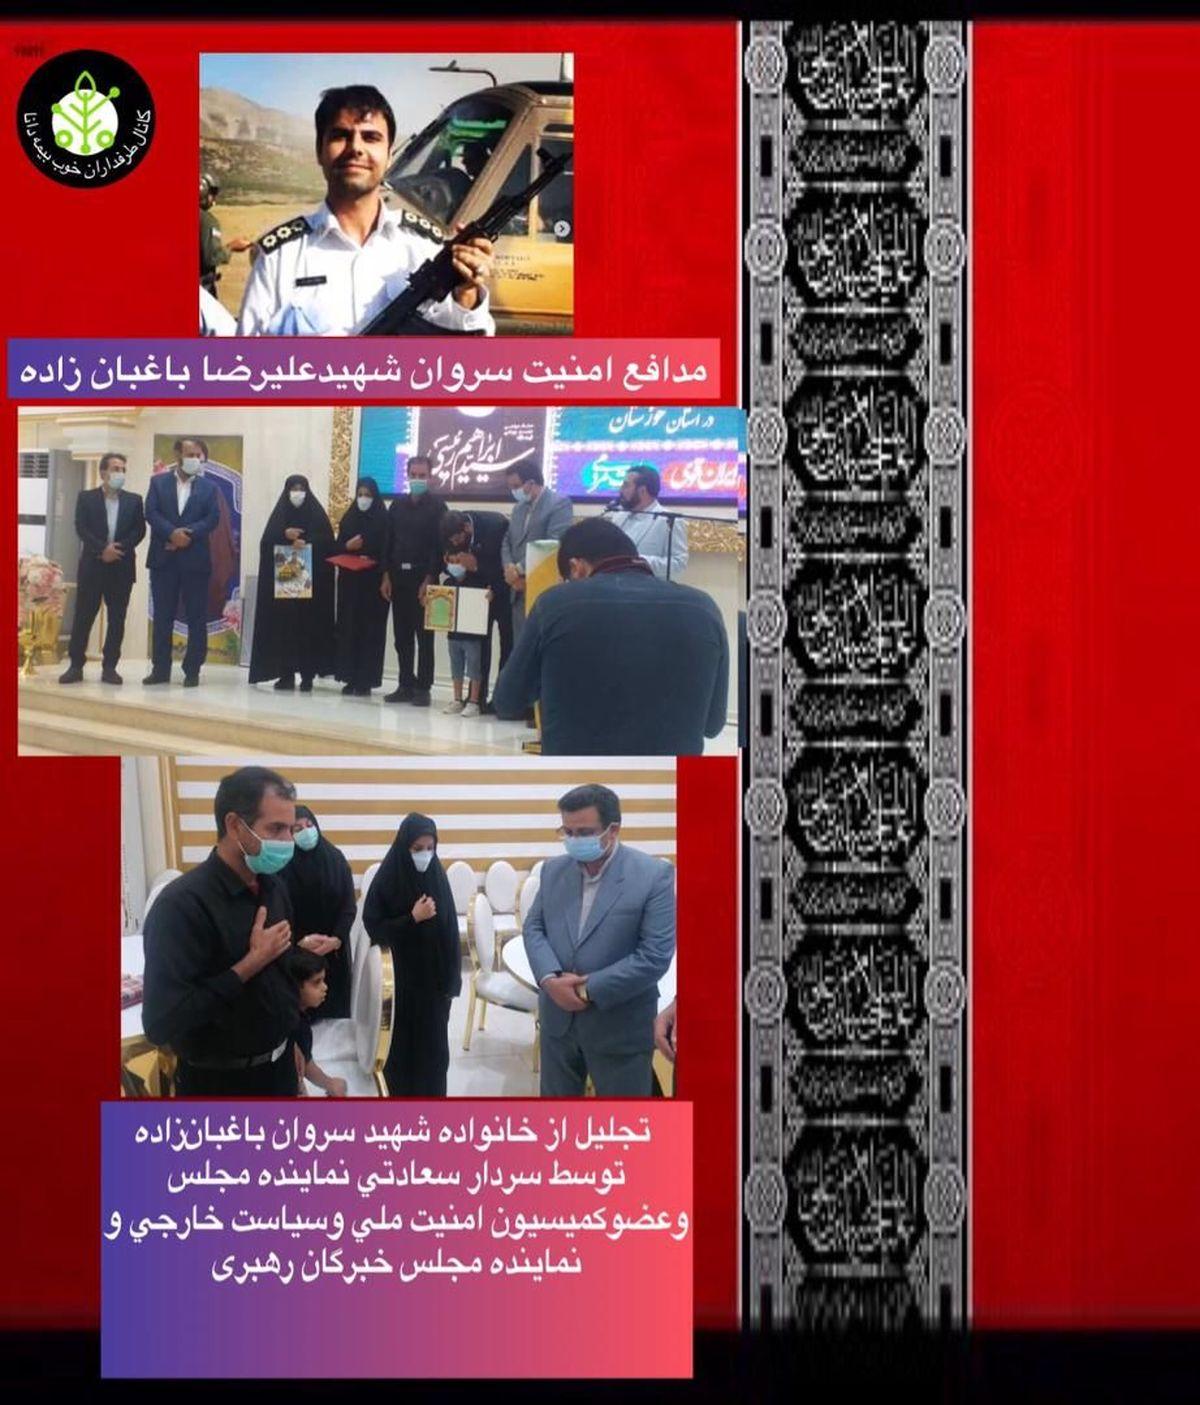 تجلیل از خانواده شهید سروان باغبانزاده توسط نماینده مجلس خبرگان رهبری و مسئولین